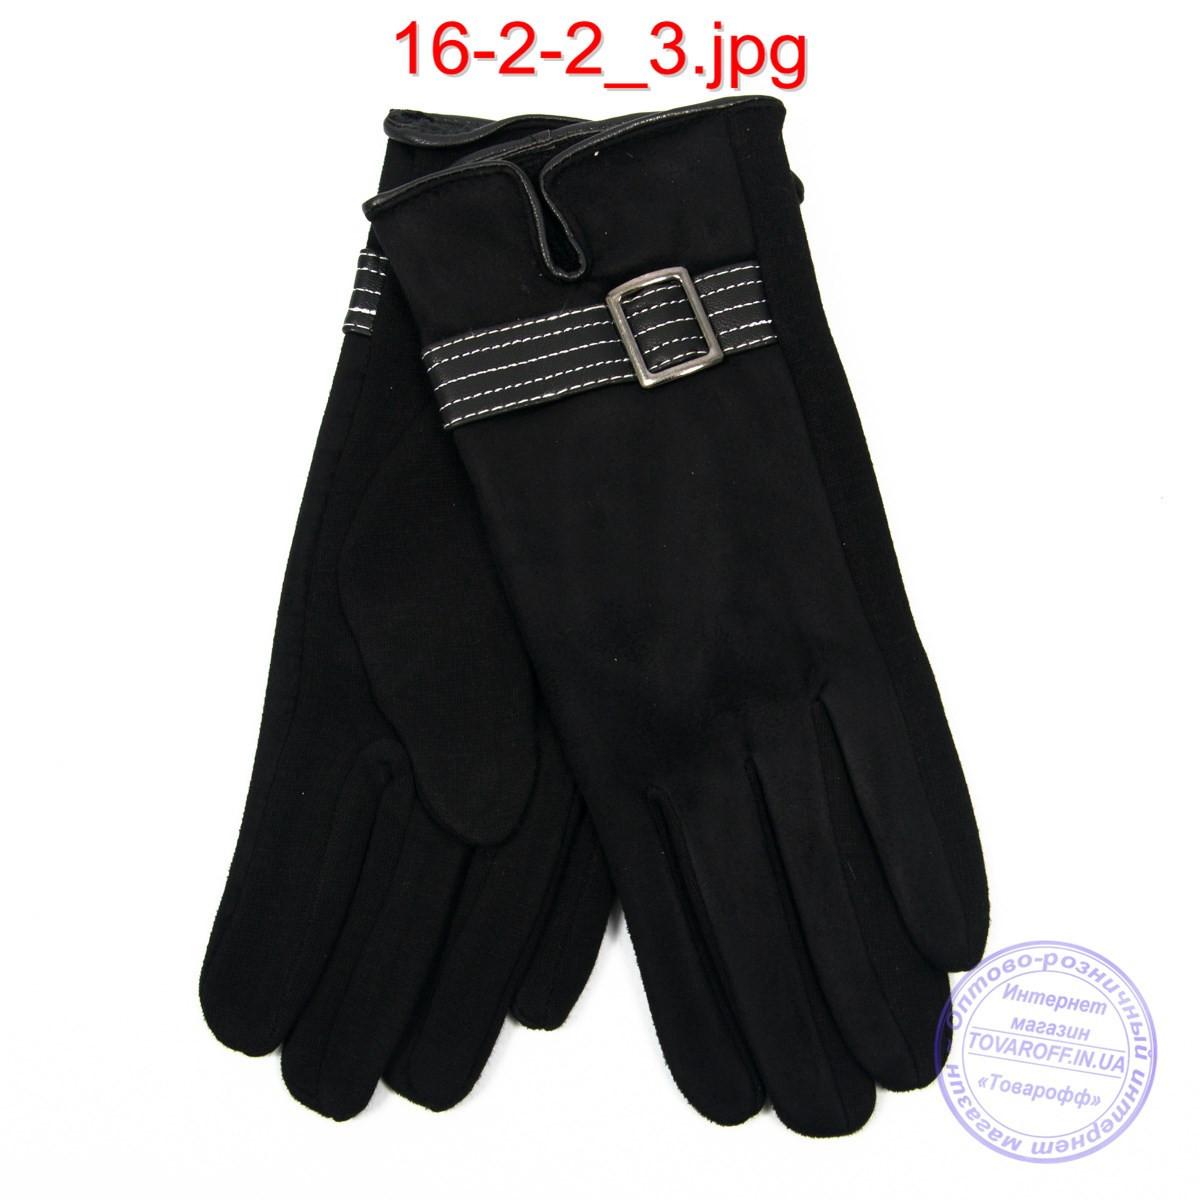 Женские трикотажно-велюровые перчатки с плюшевой подкладкой - №16-2-2